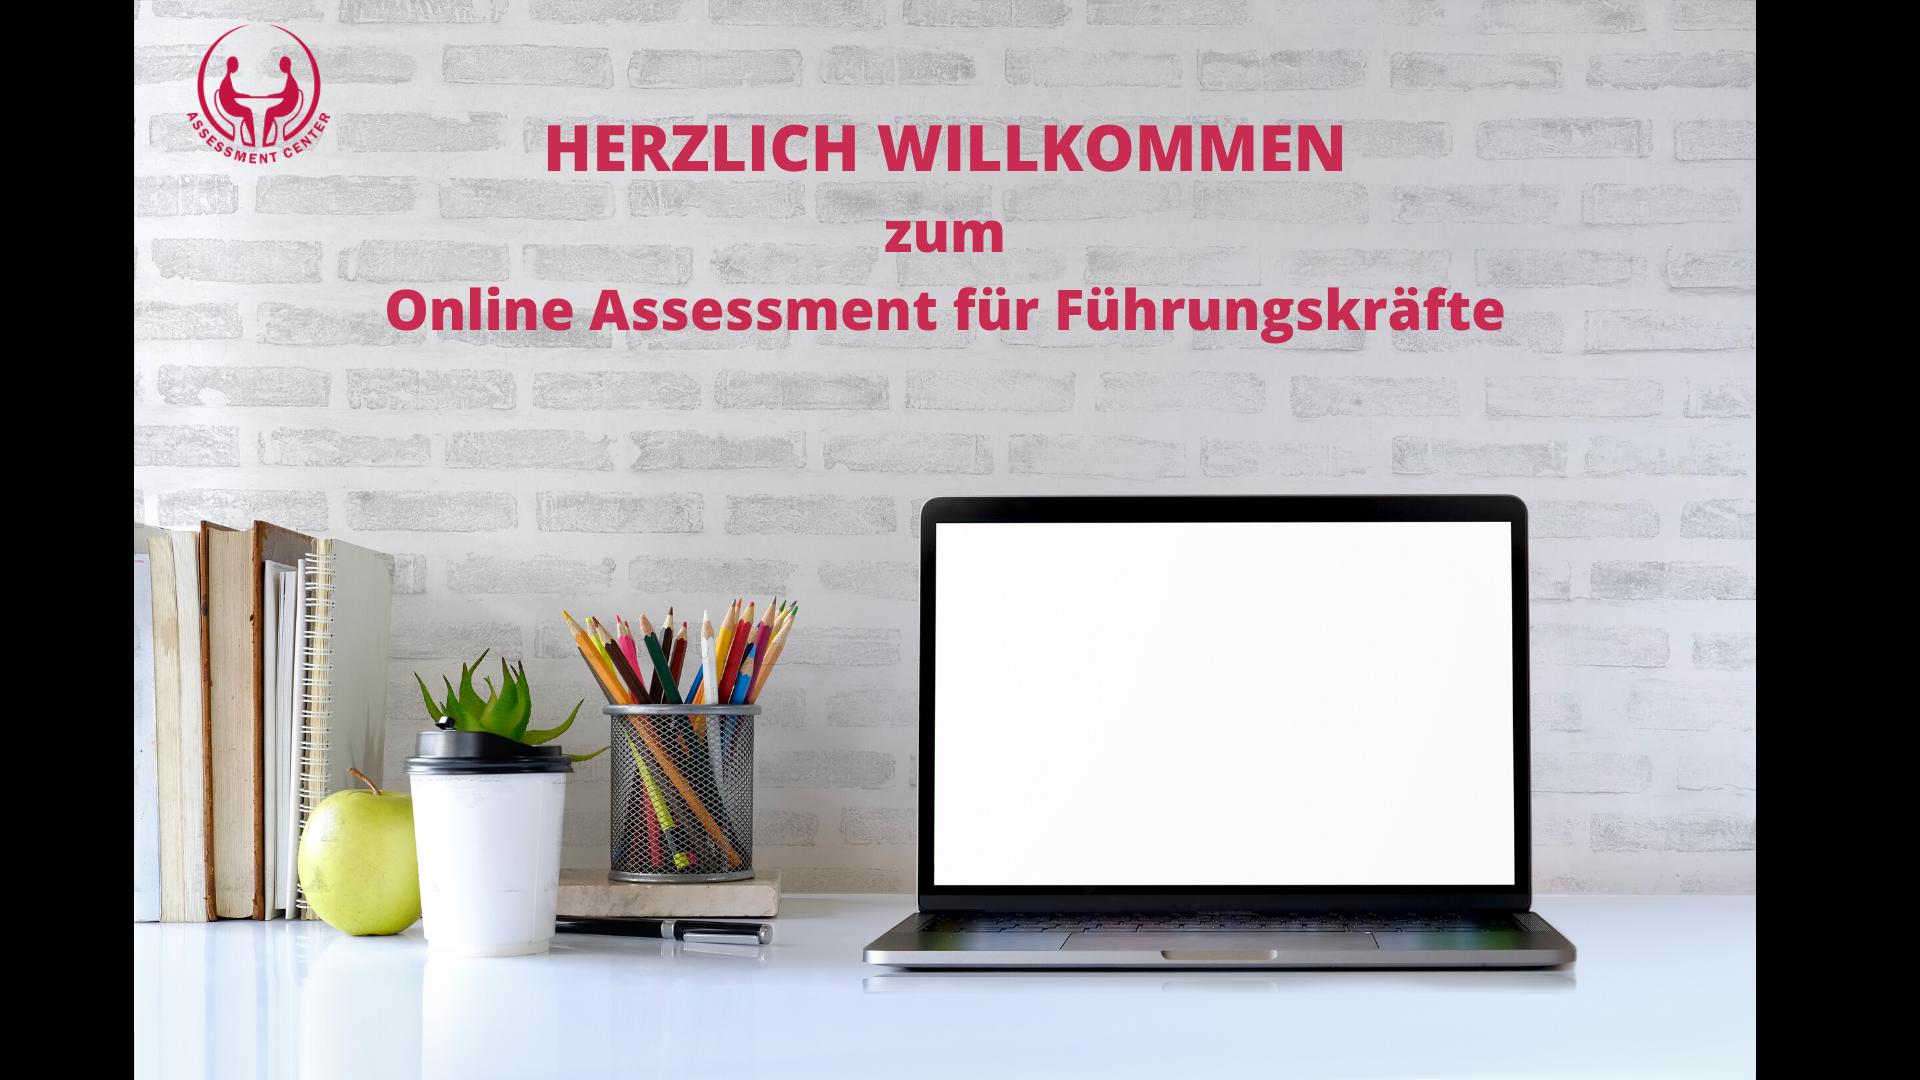 Online Assessment für Führungskräfte